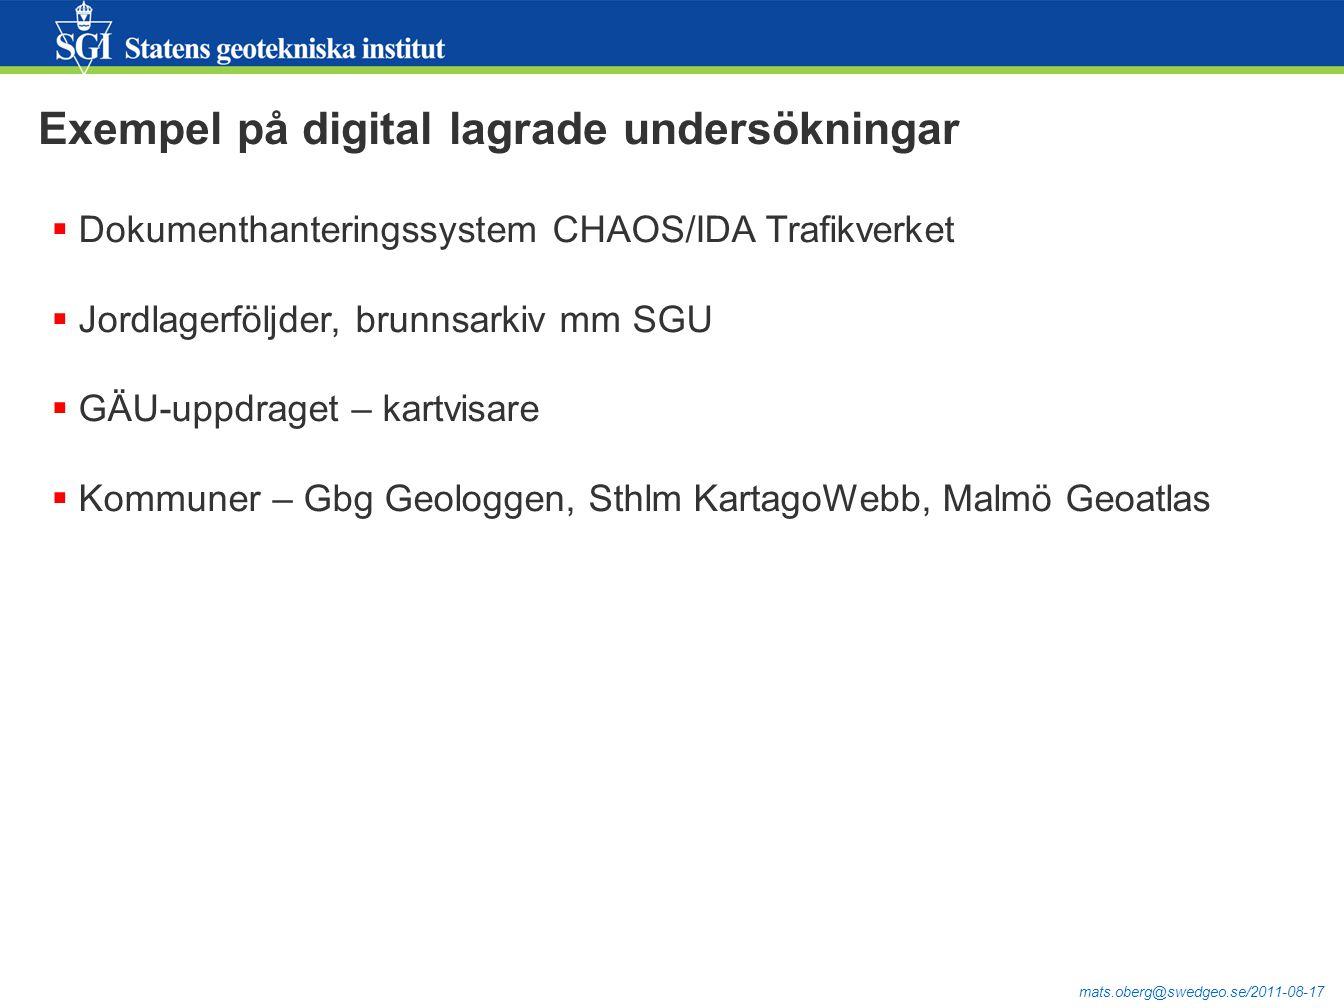 Exempel på digital lagrade undersökningar